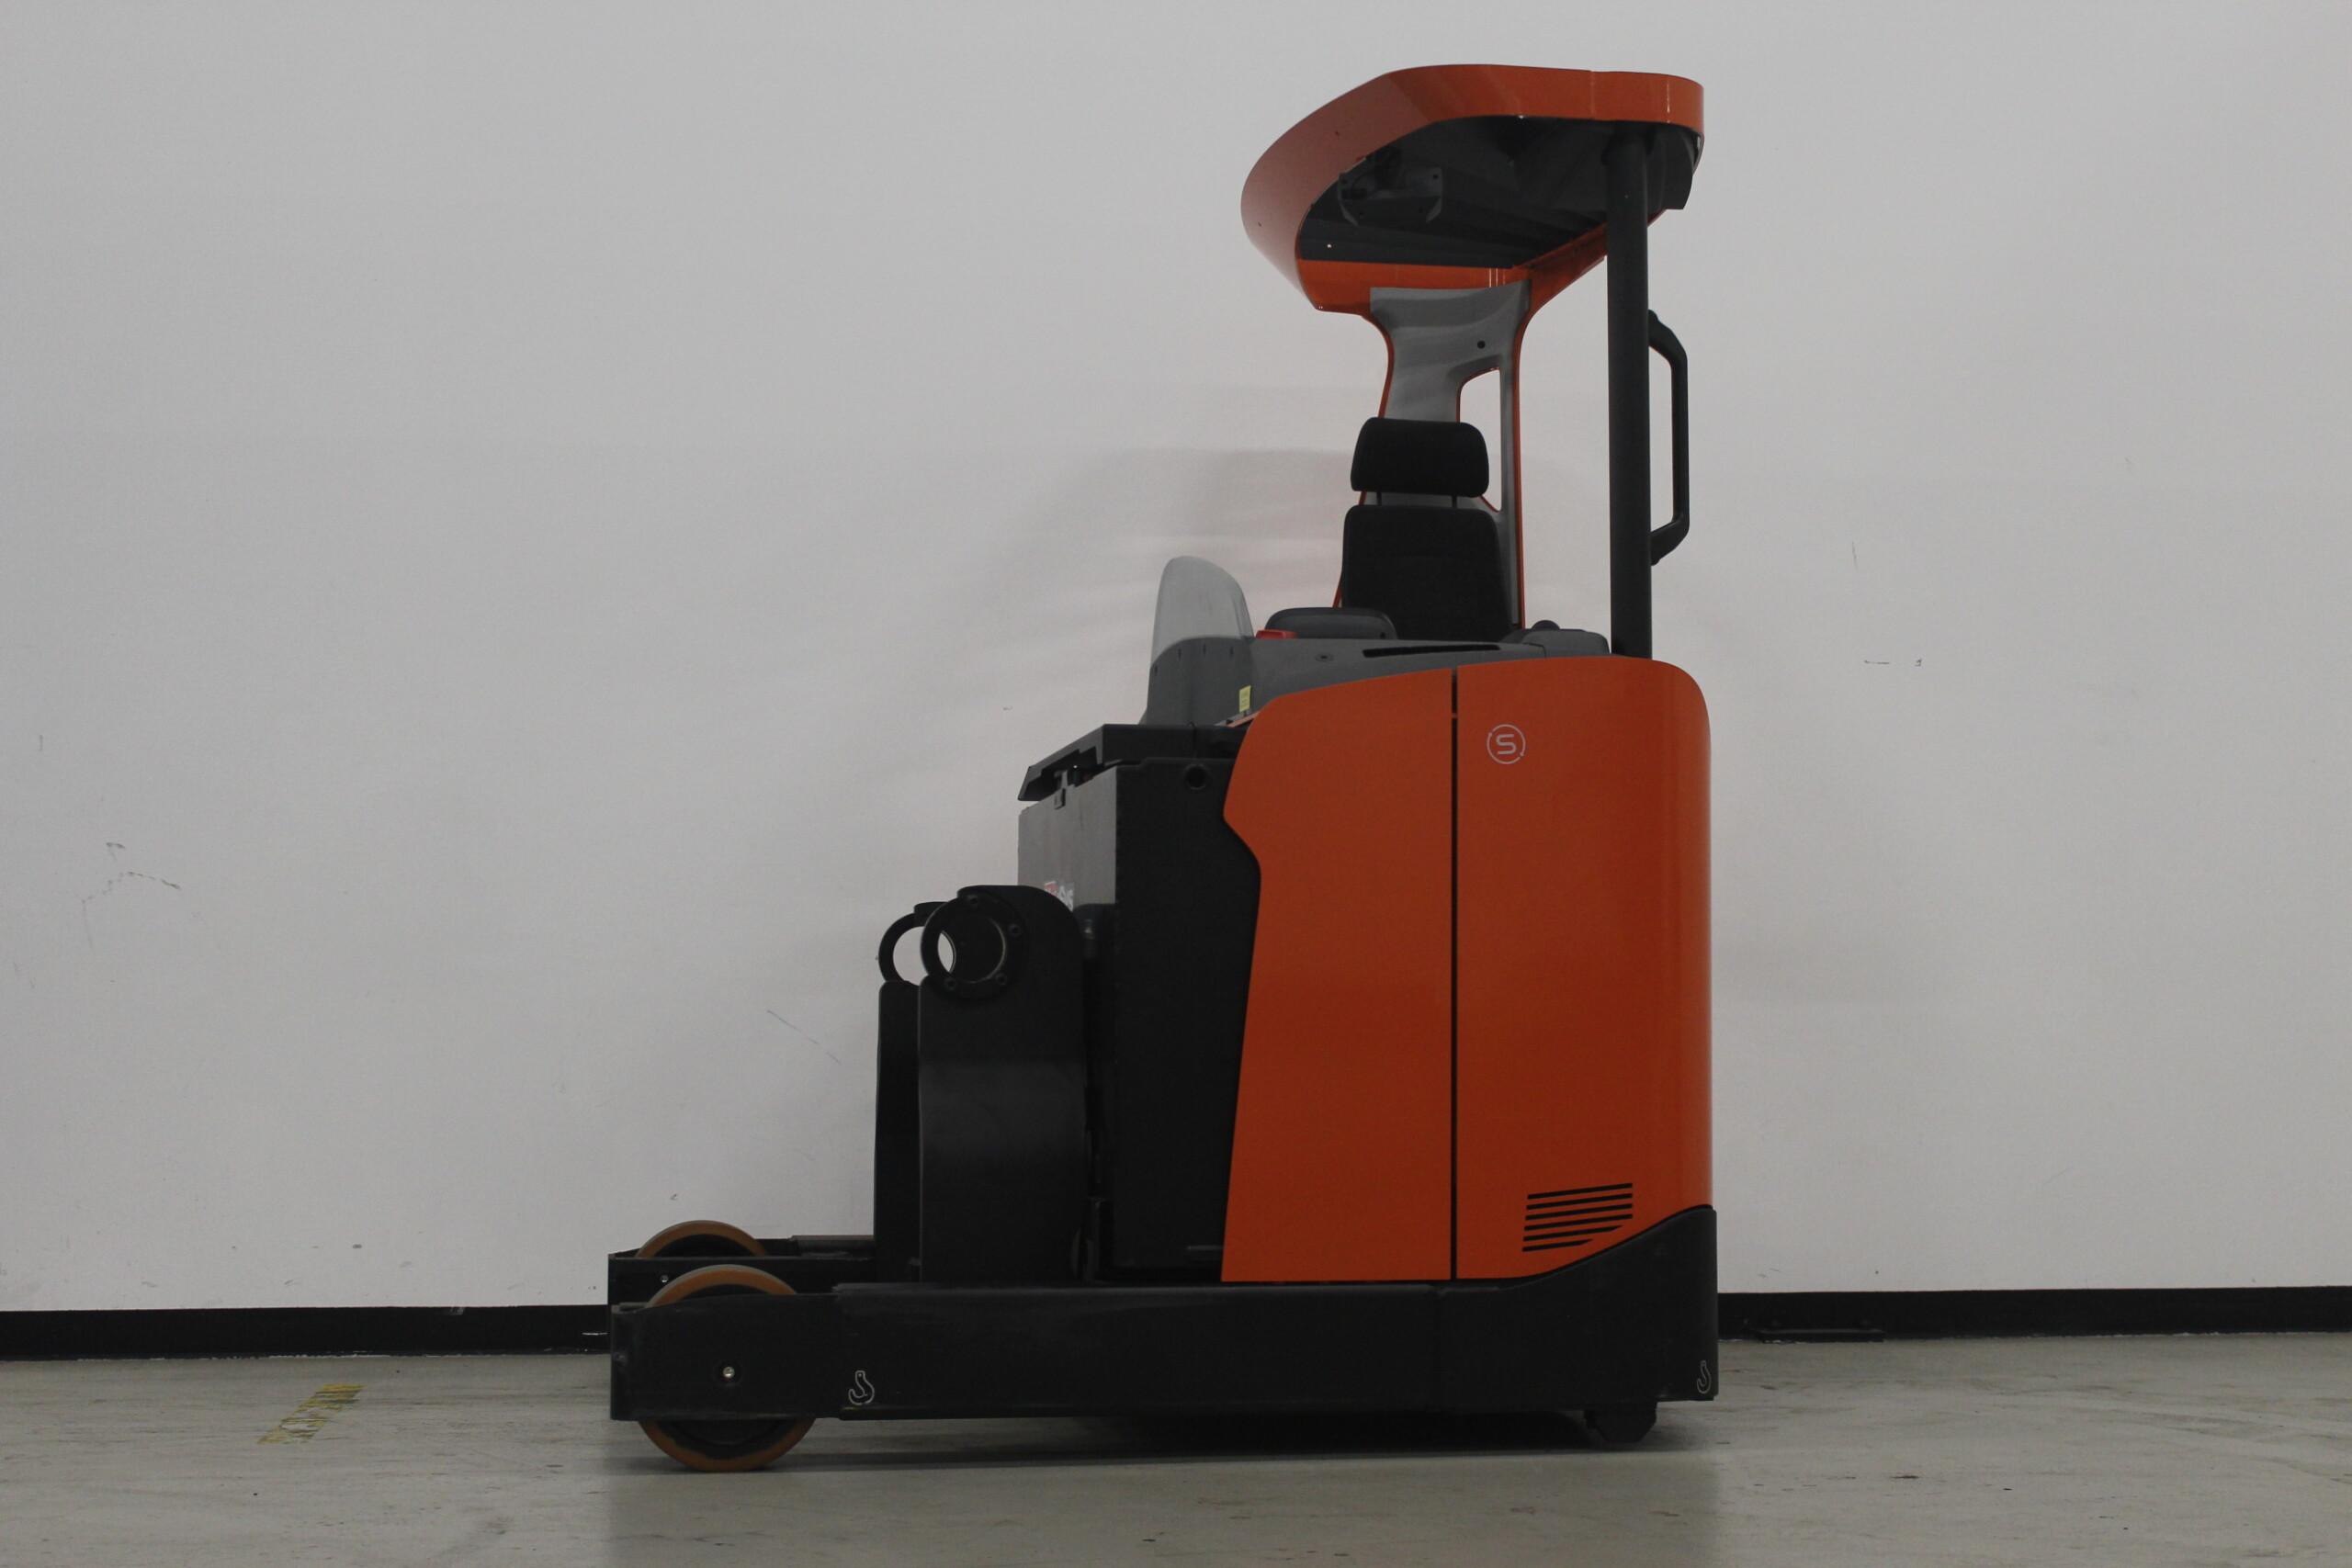 Toyota-Gabelstapler-59840 1907953480 1 7 scaled